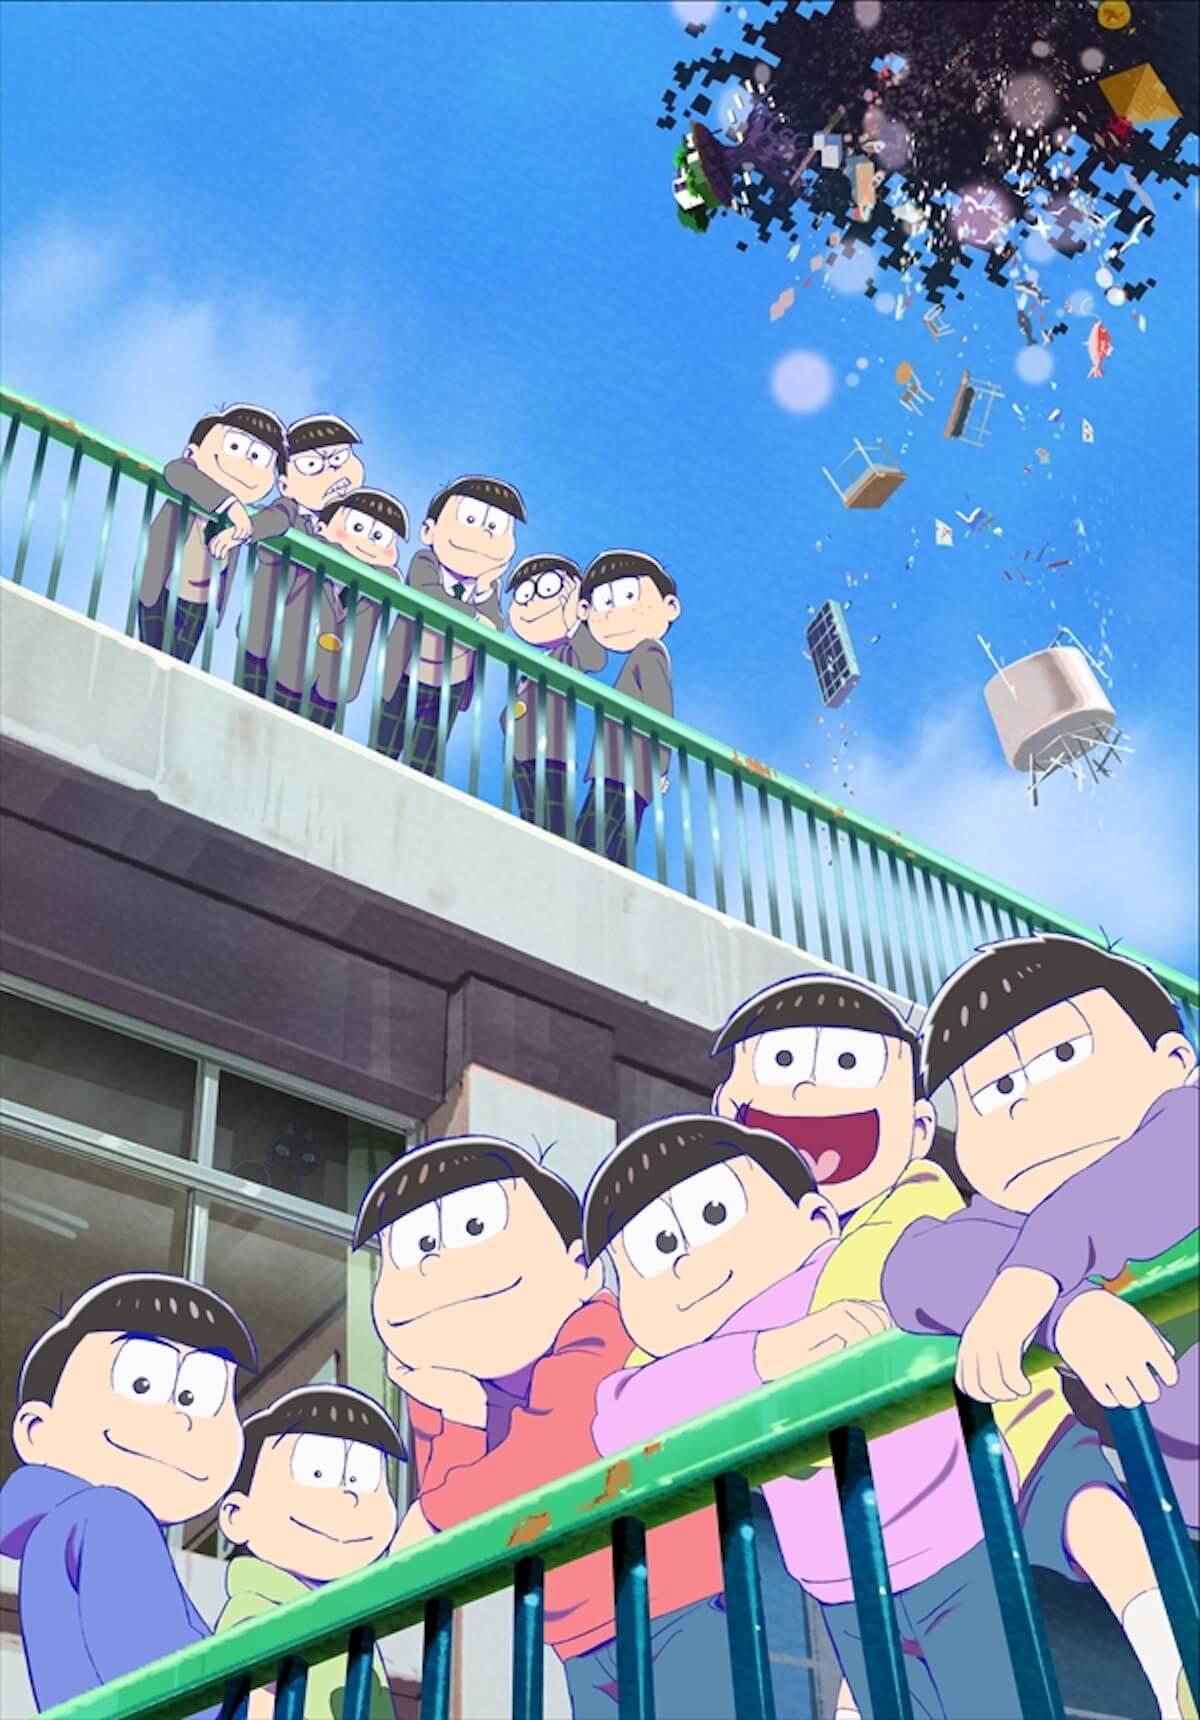 劇場版『えいがのおそ松さん』入場者プレゼント第10弾で「一松ポスター」配布決定! film190513_osomatsusan_1